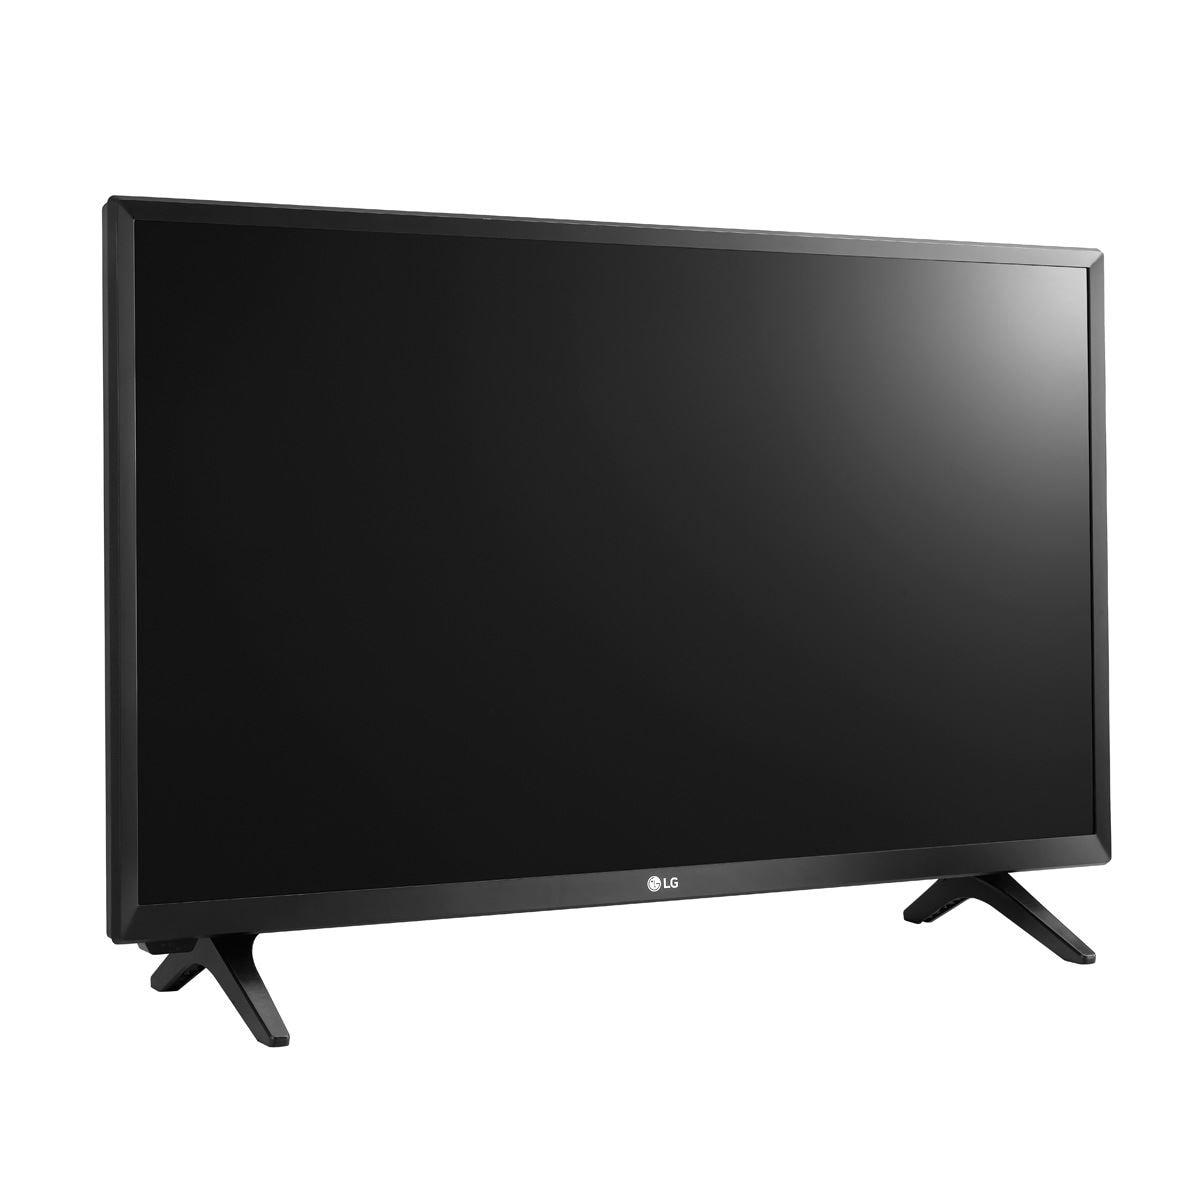 """Pantalla TV Monitor LG 28"""" Led FHD Negro"""